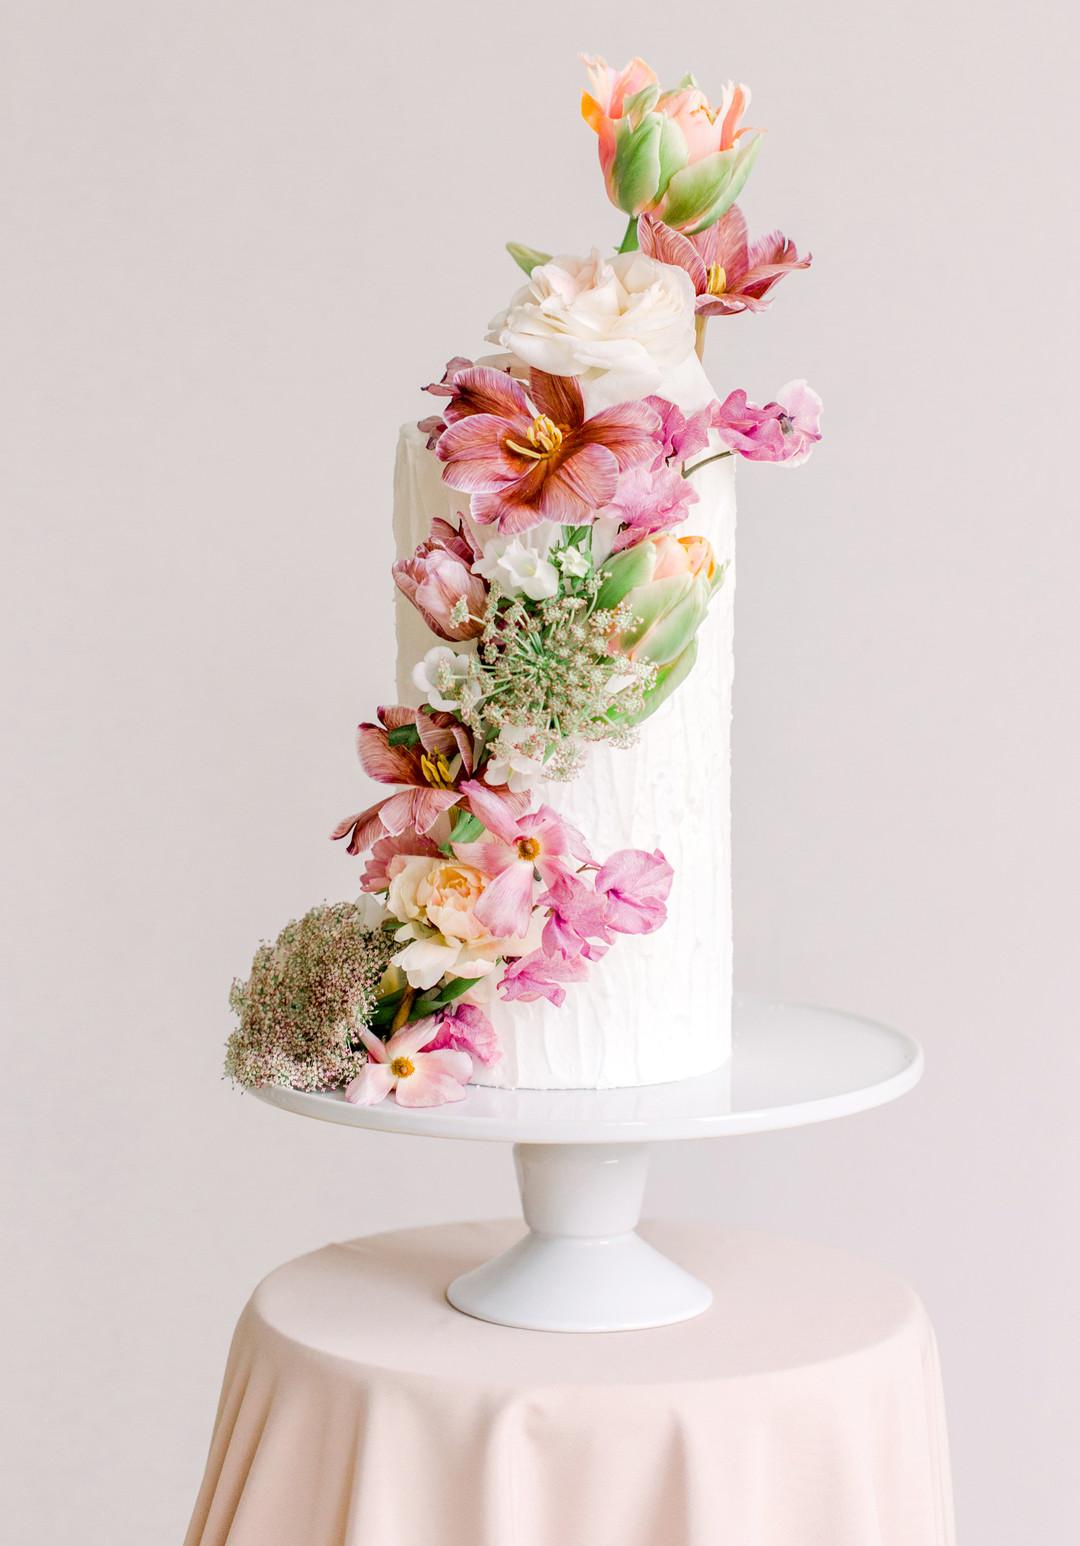 bröllop+elegant+tårta+blogg